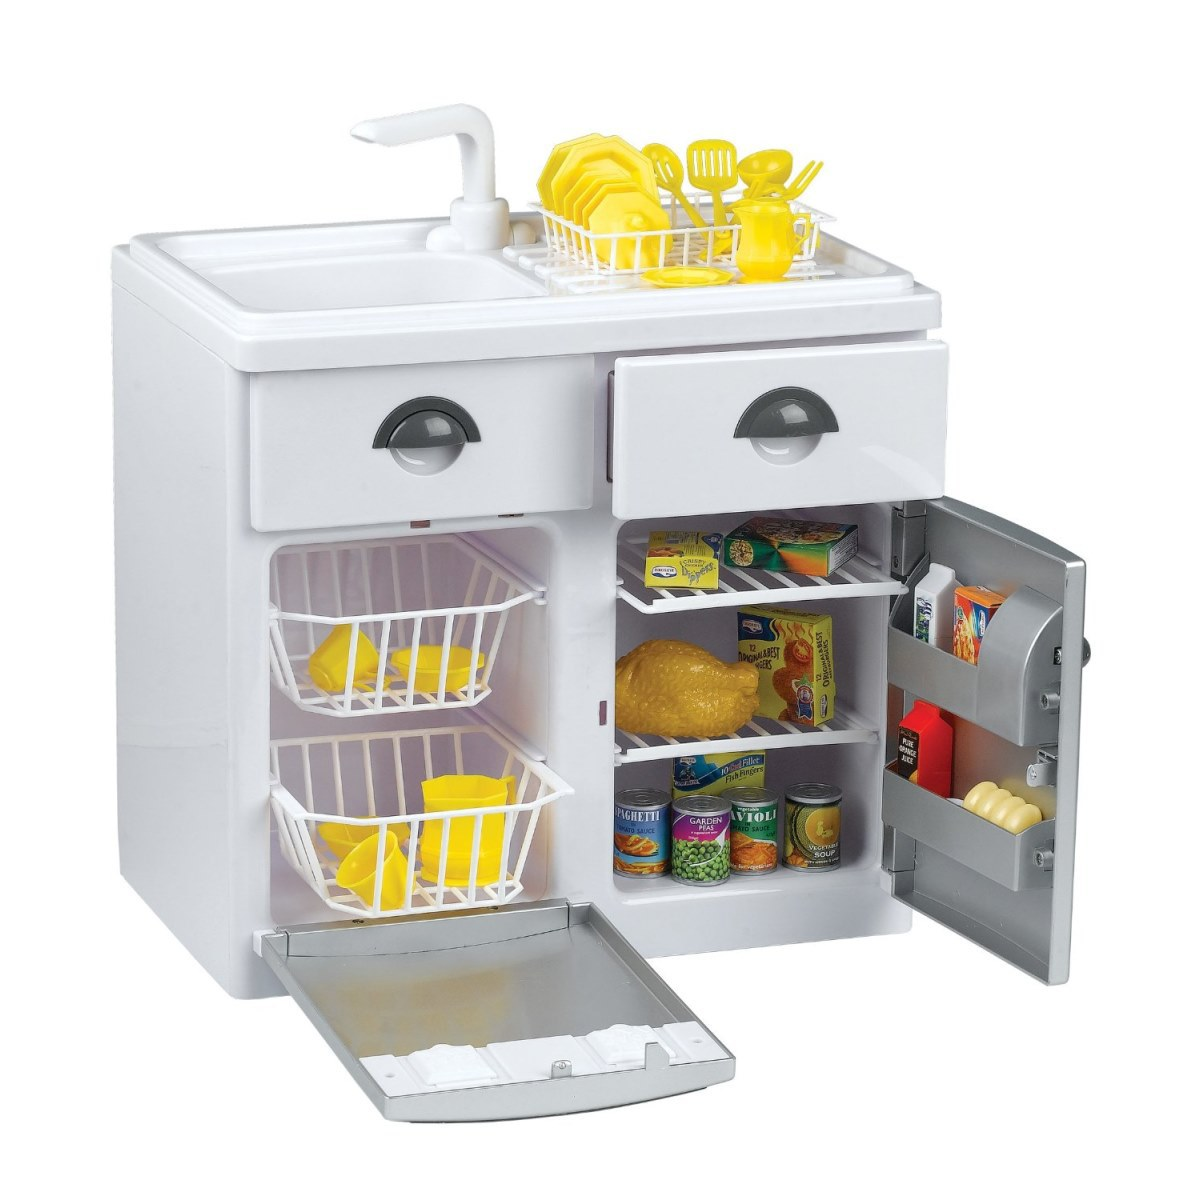 Игровой набор - Кухонная мебель с холодильникомДетские игровые кухни<br>Игровой набор - Кухонная мебель с холодильником<br>